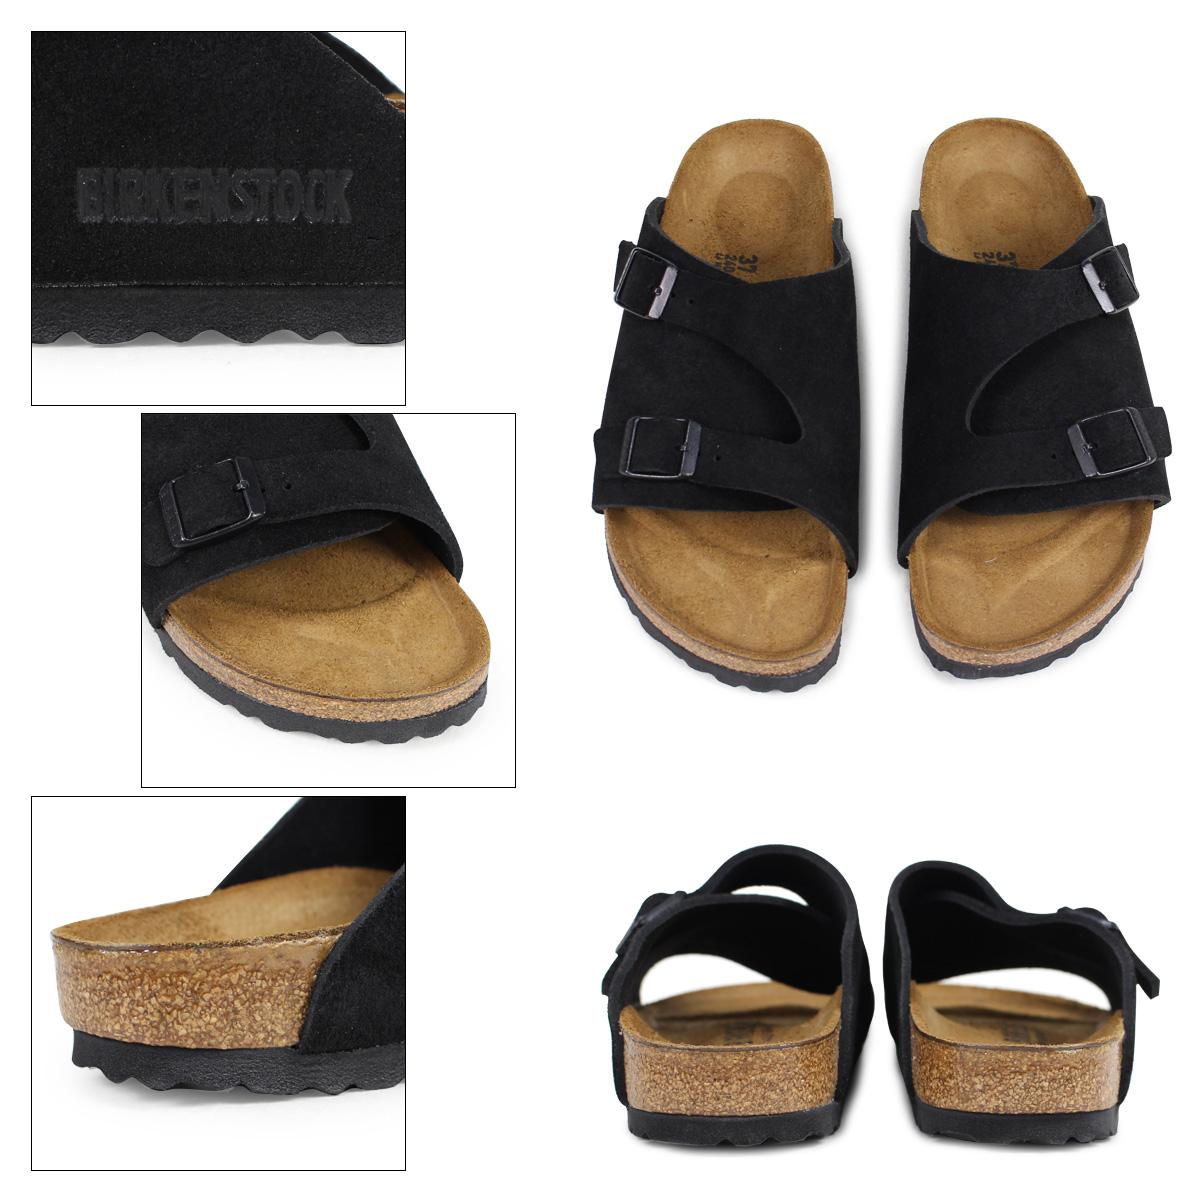 伯克利伯克利苏黎世苏黎世 [正常宽度麂皮绒,8 色男士女式凉鞋 [定期]